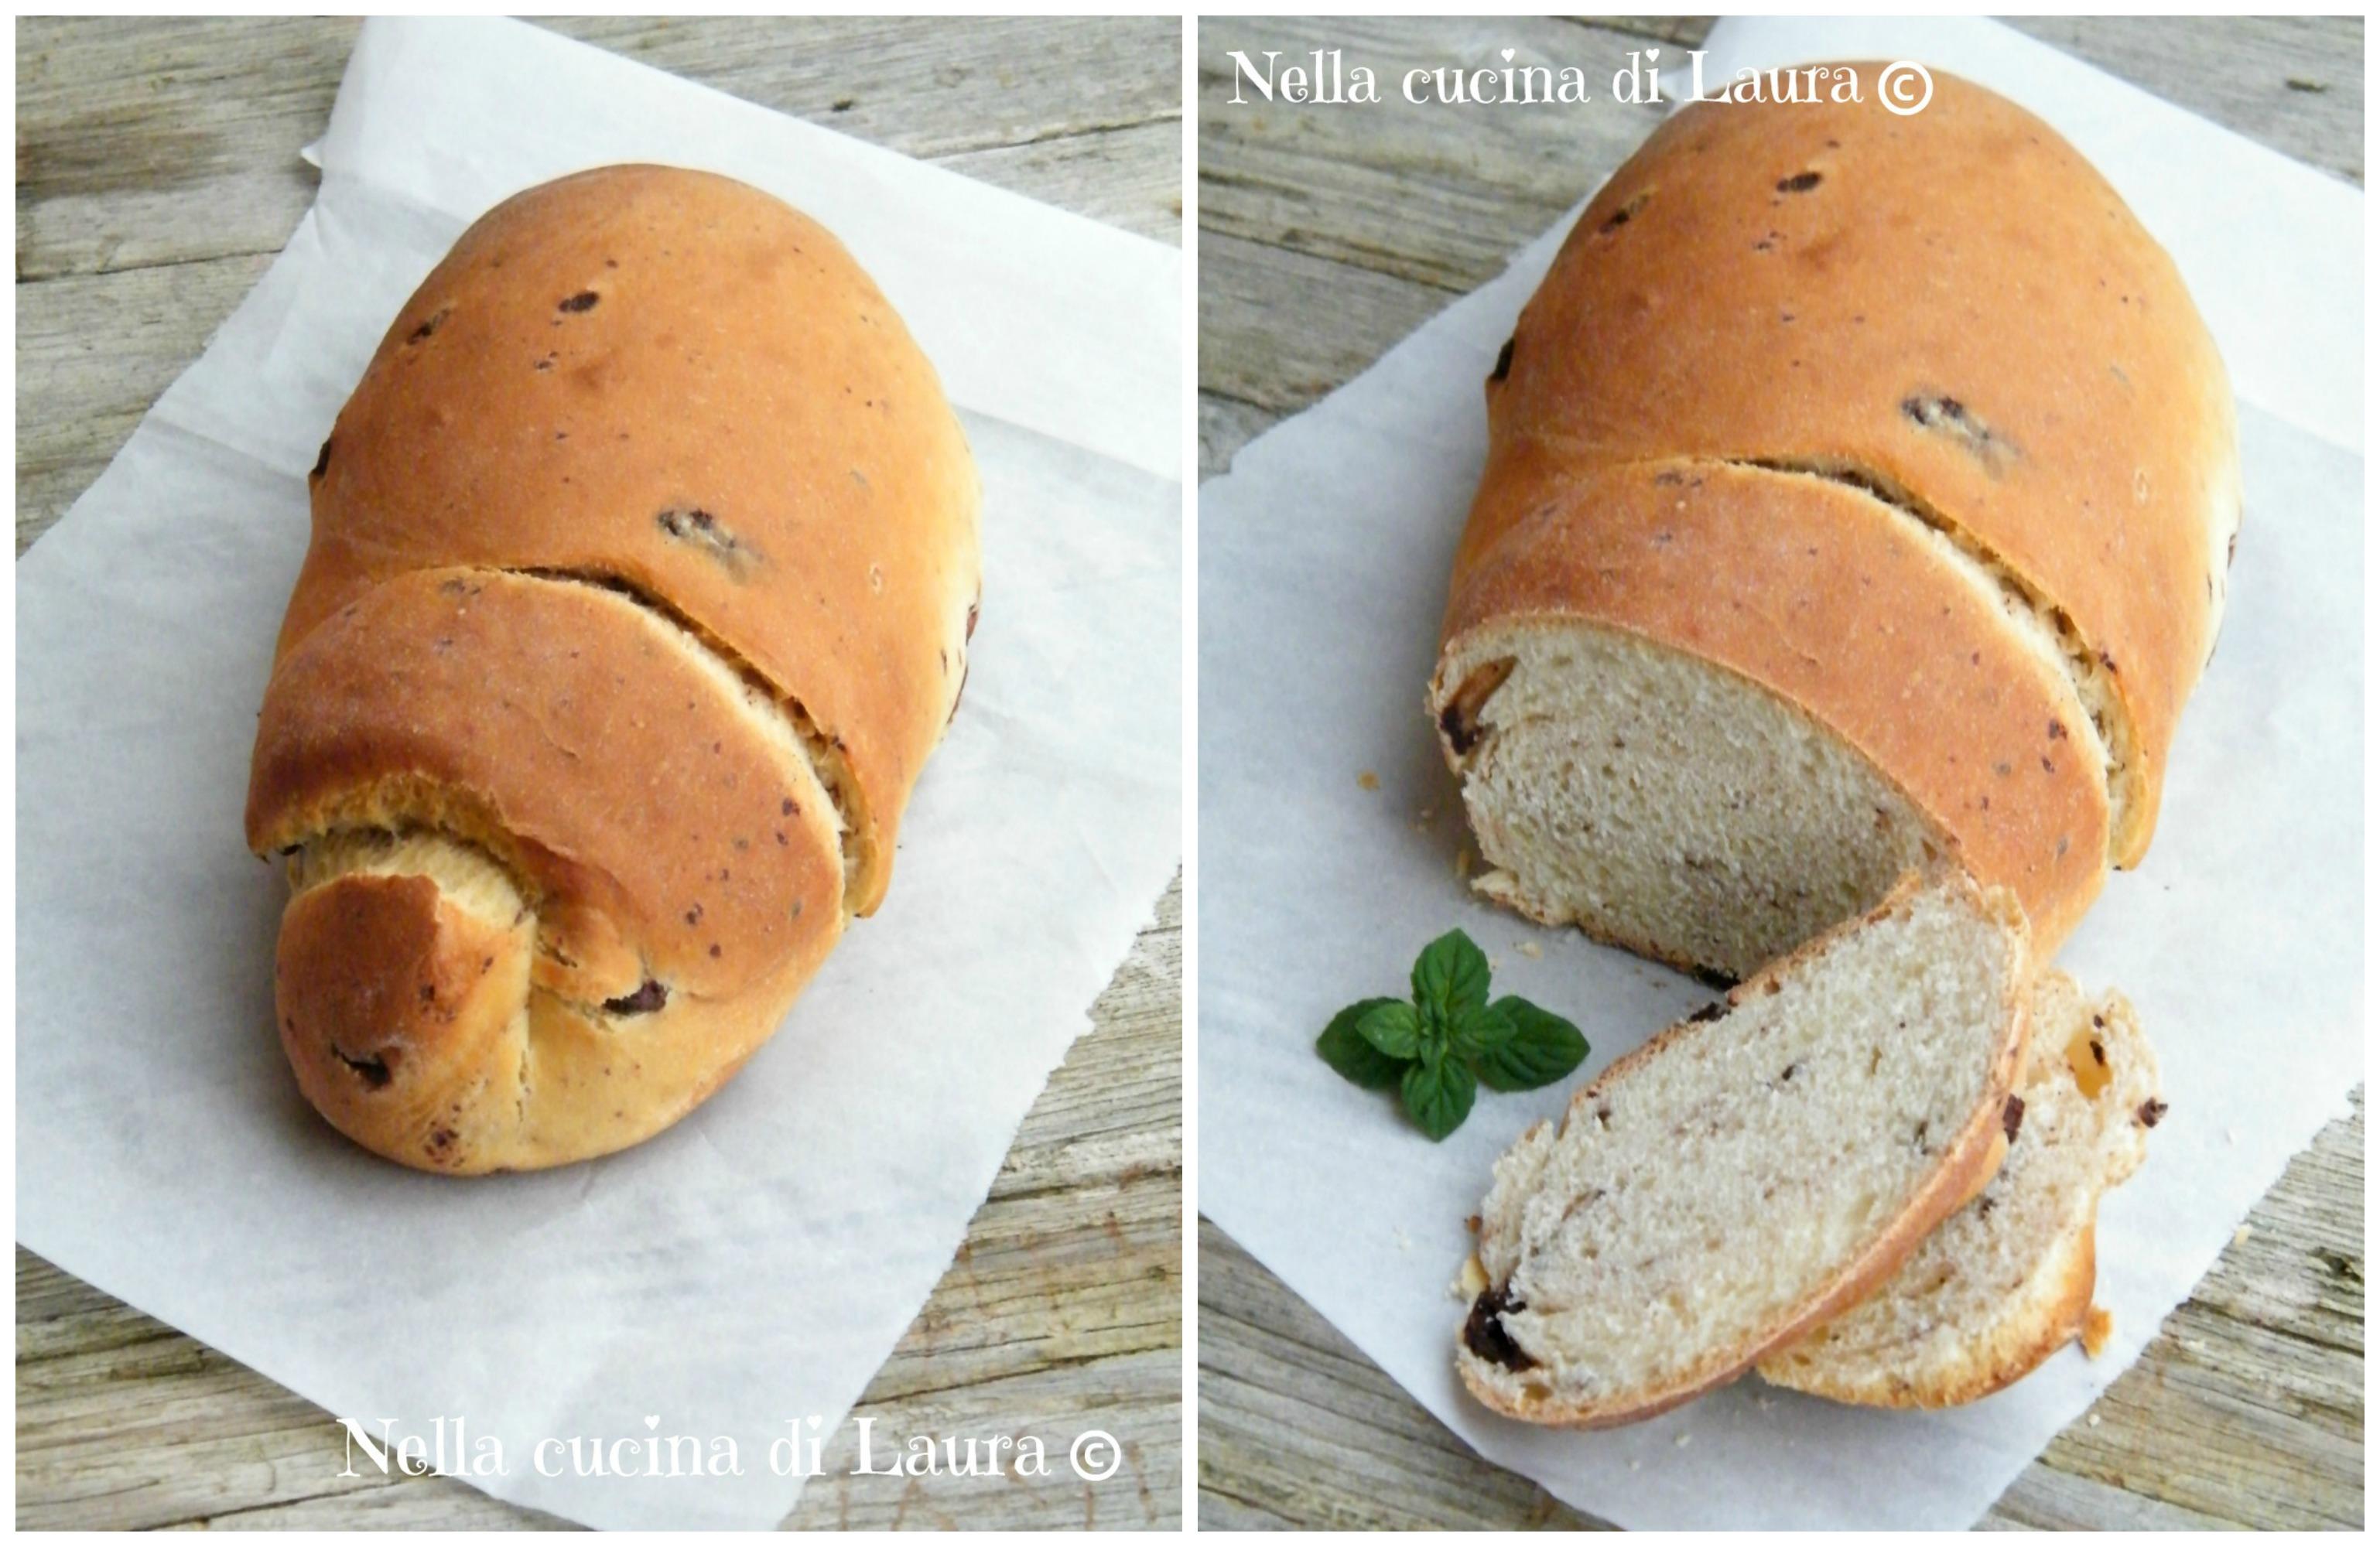 pane dolce di pan brioche con scaglie di cioccolato - nella cucina di laura